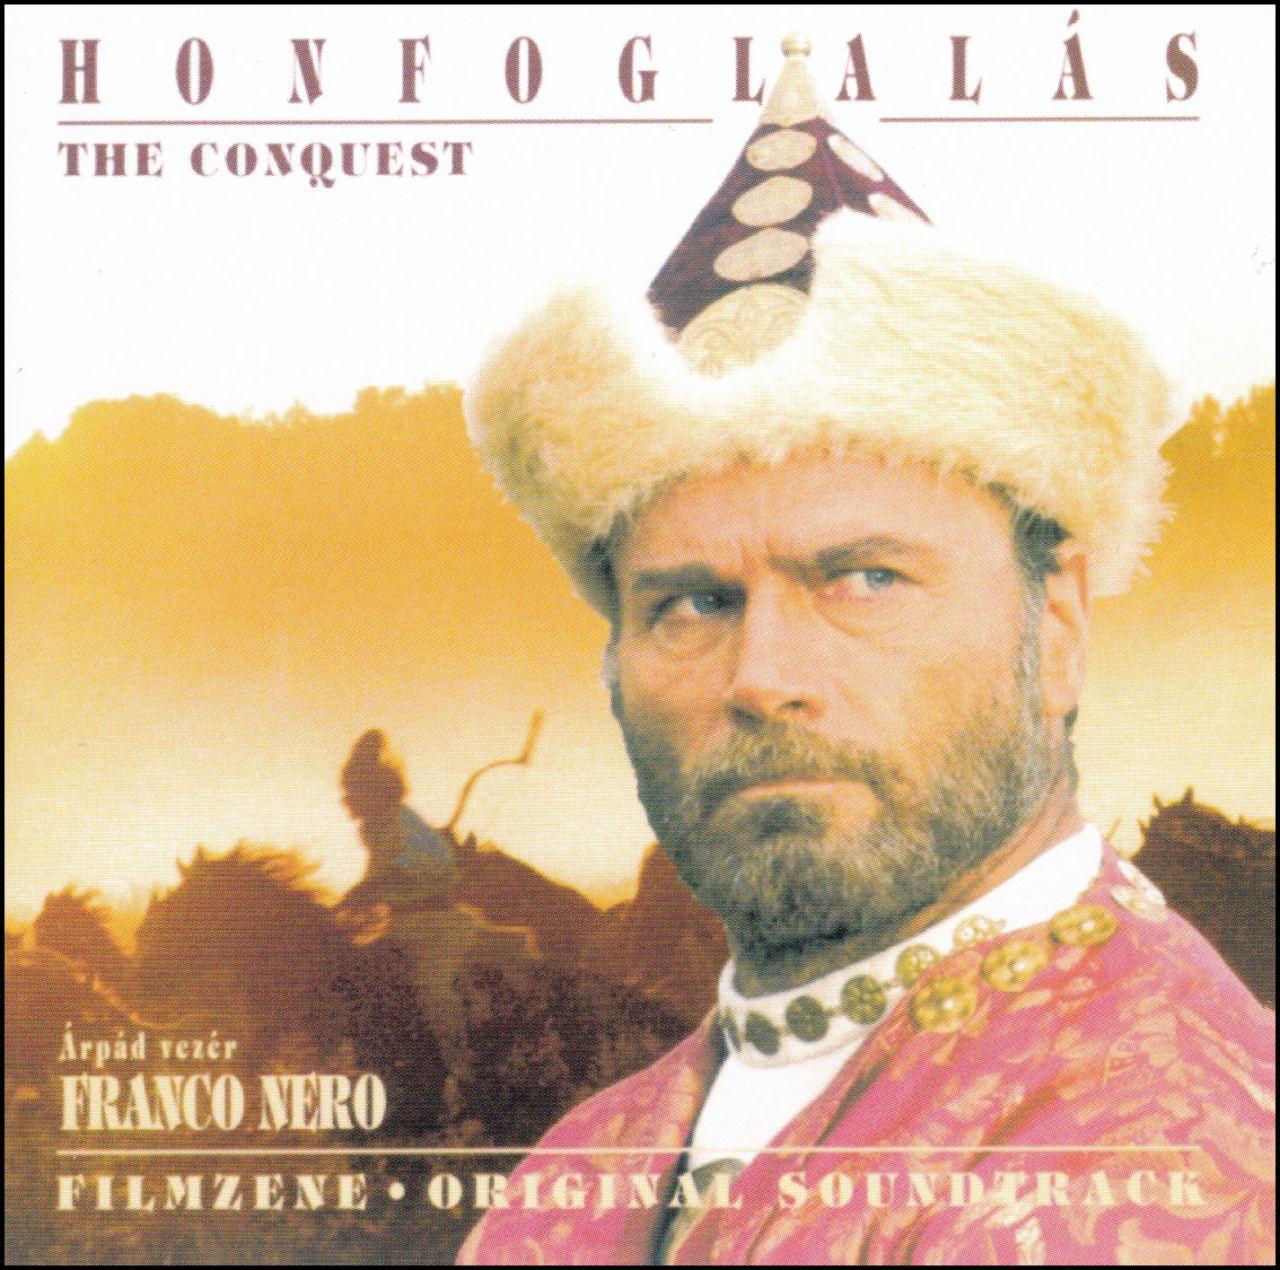 Honfoglalás (The Conquest) (CD)